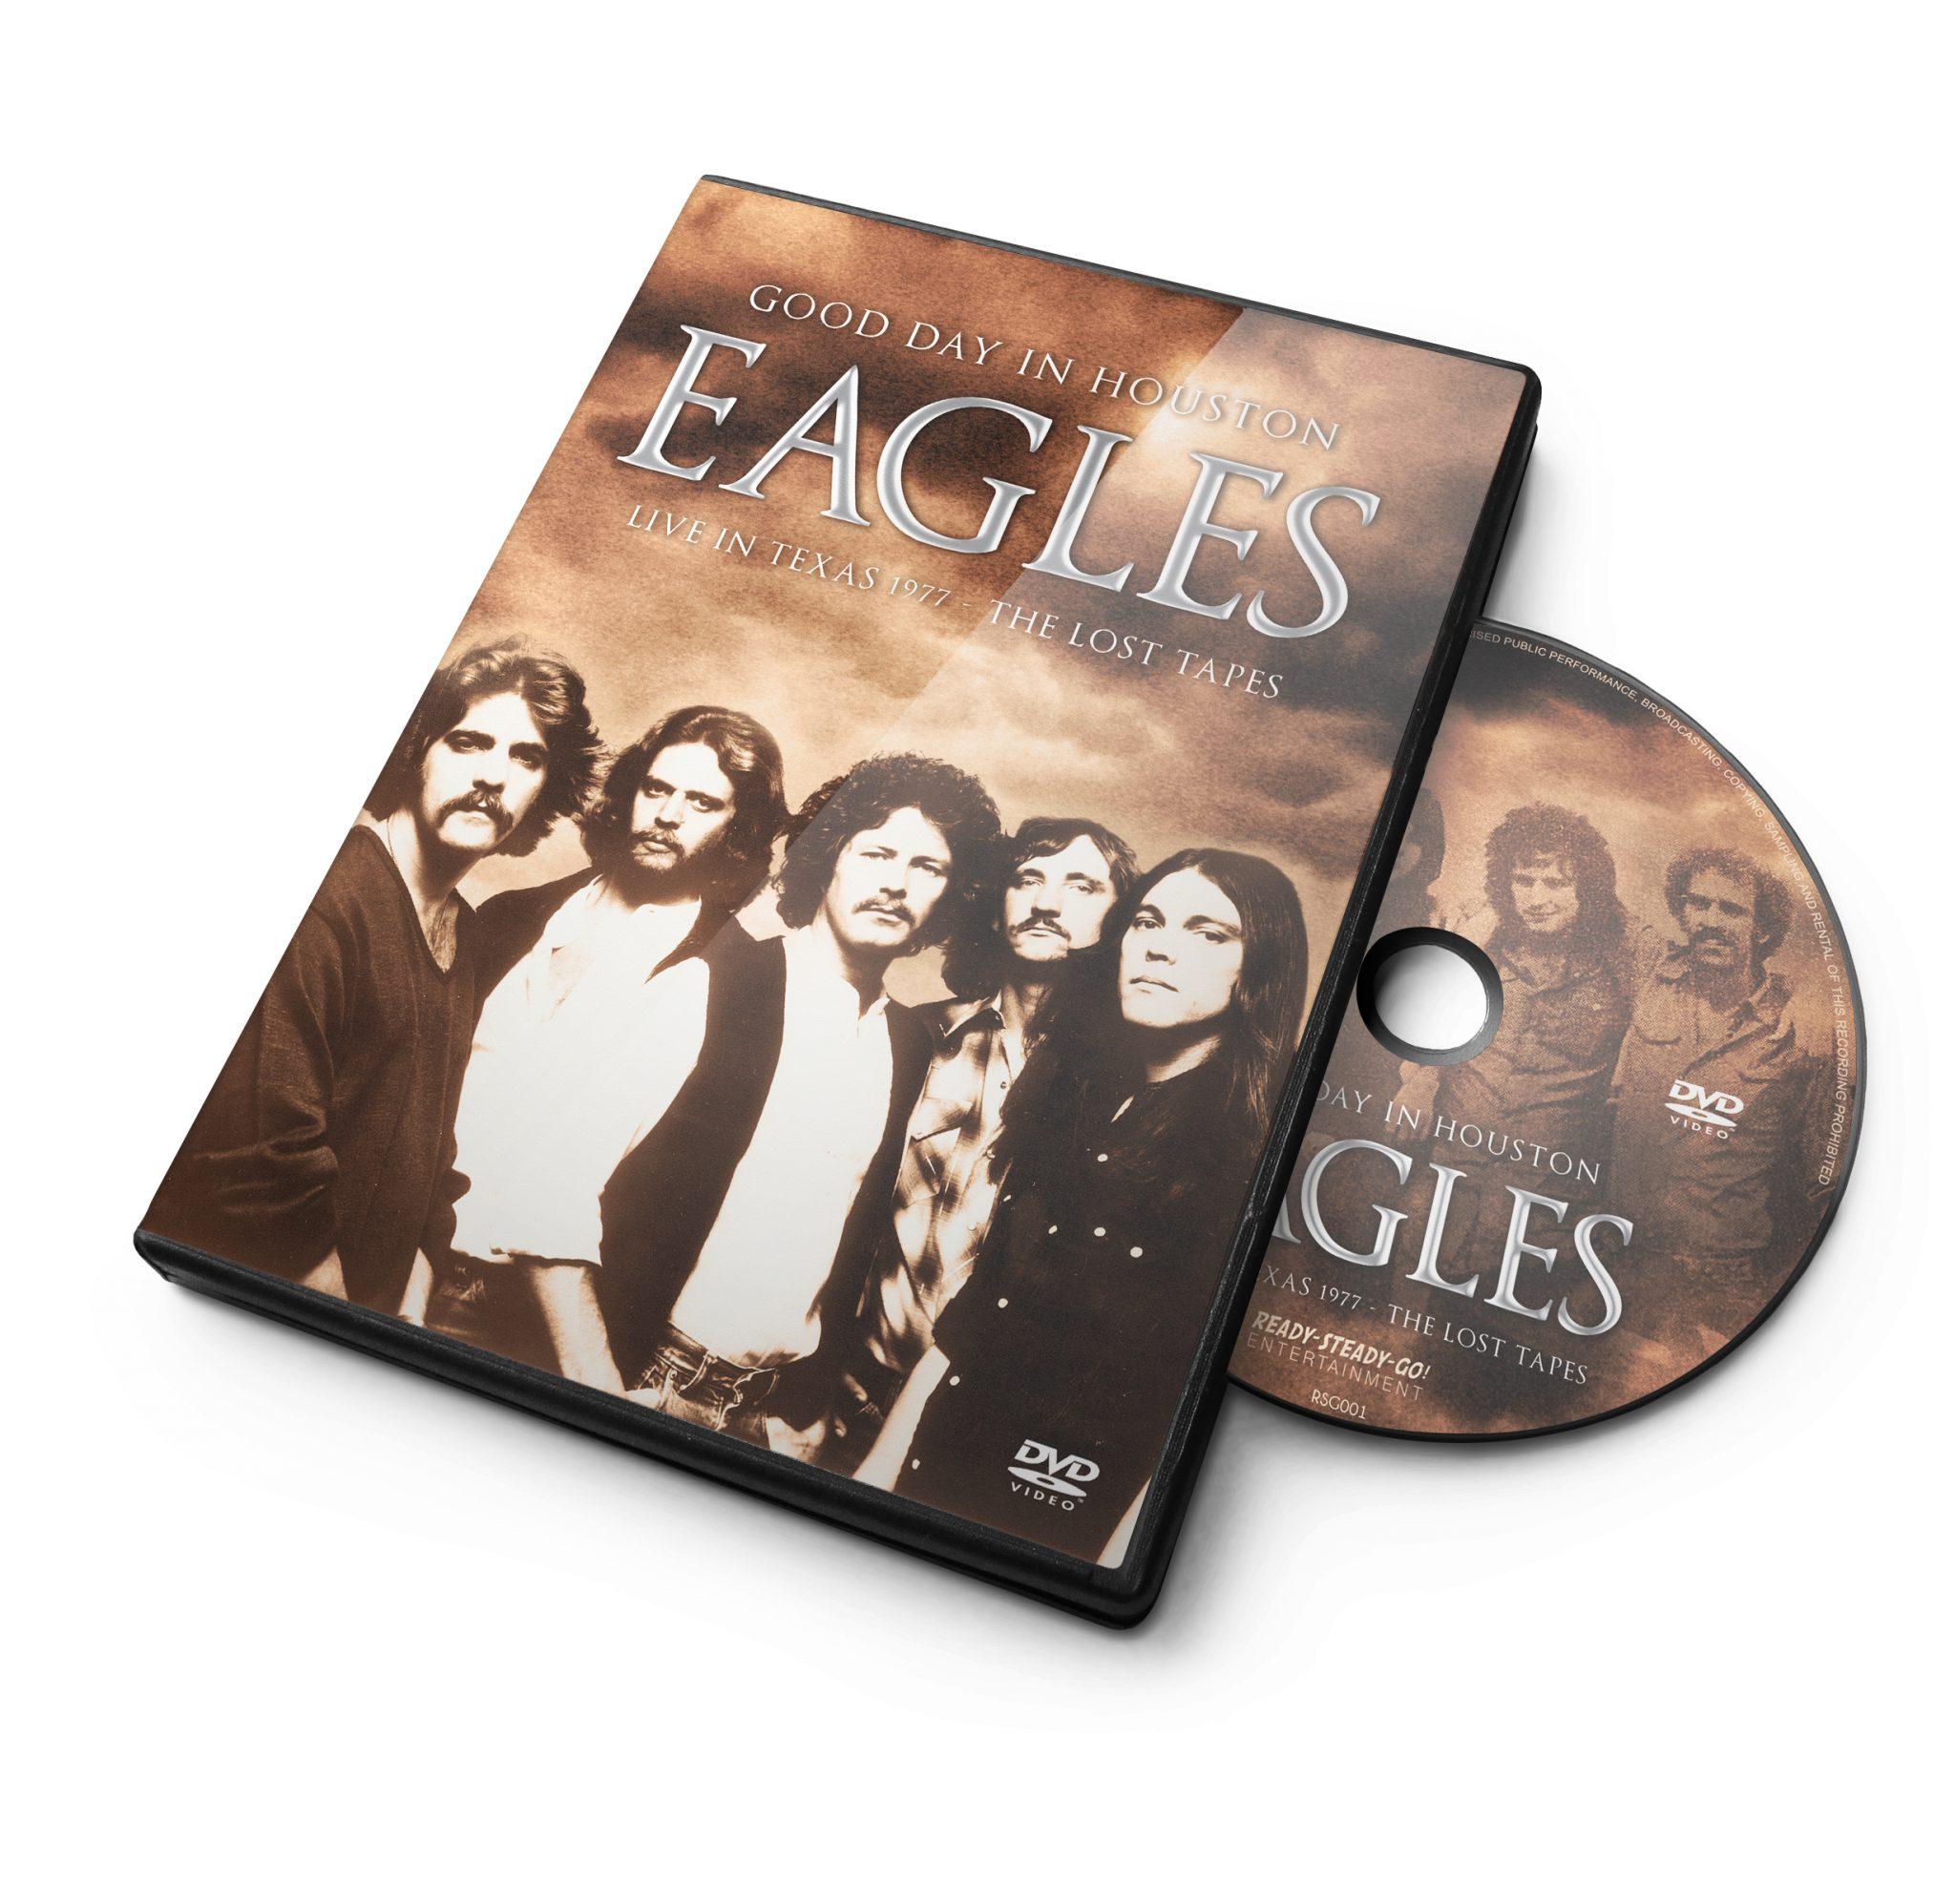 eagles live_dvd